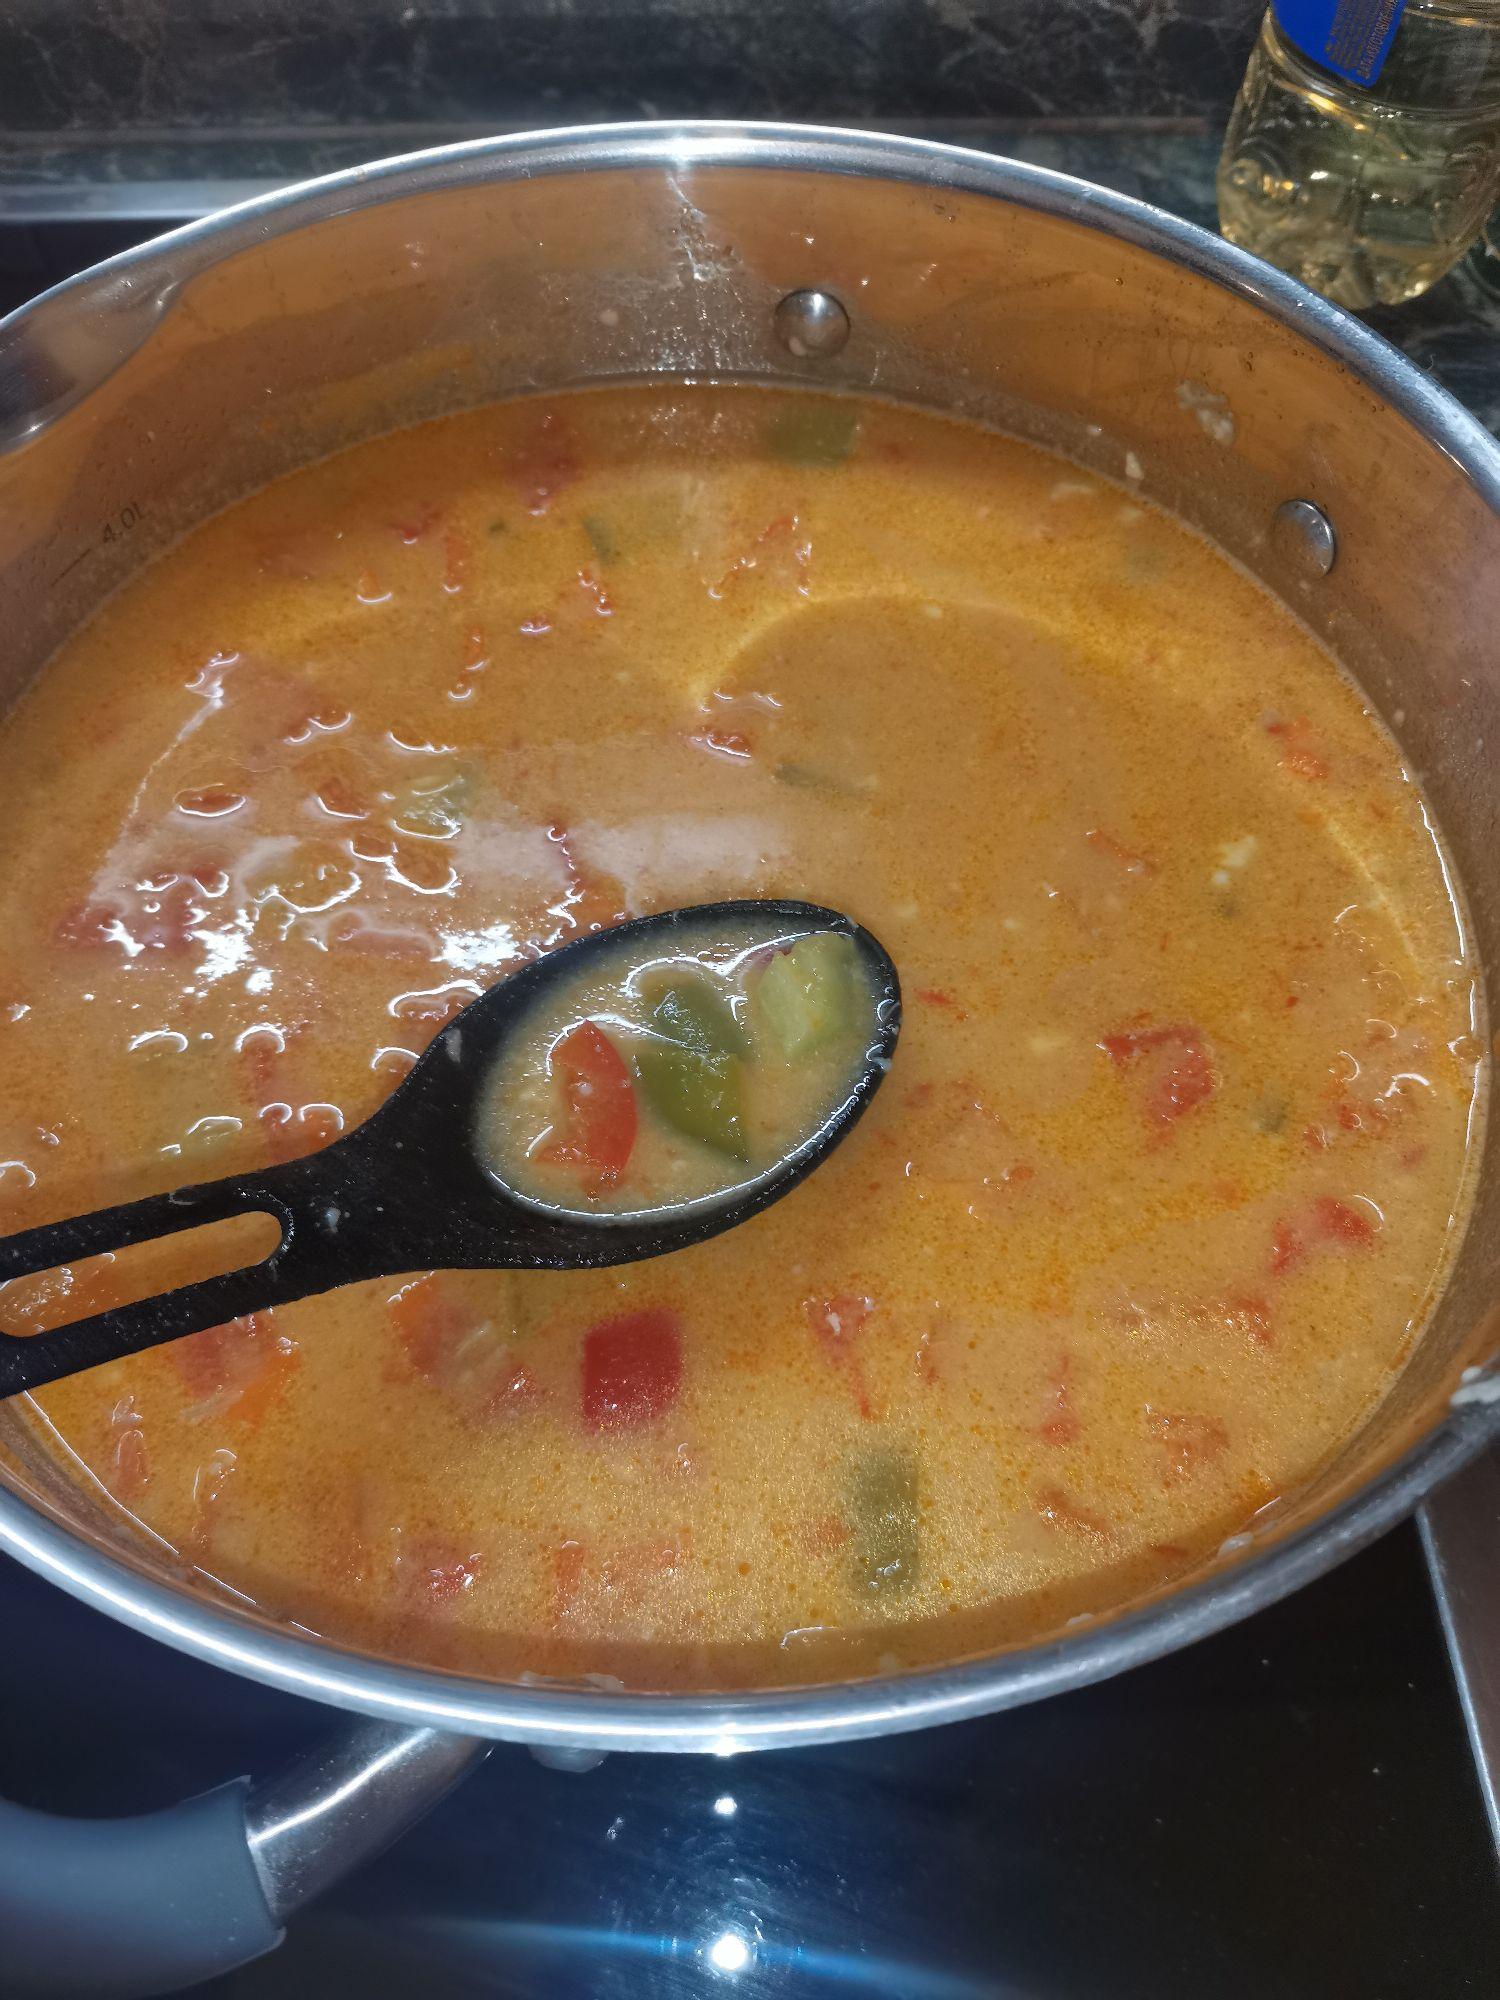 Суп перед закладукой морепродуктов и сметаны